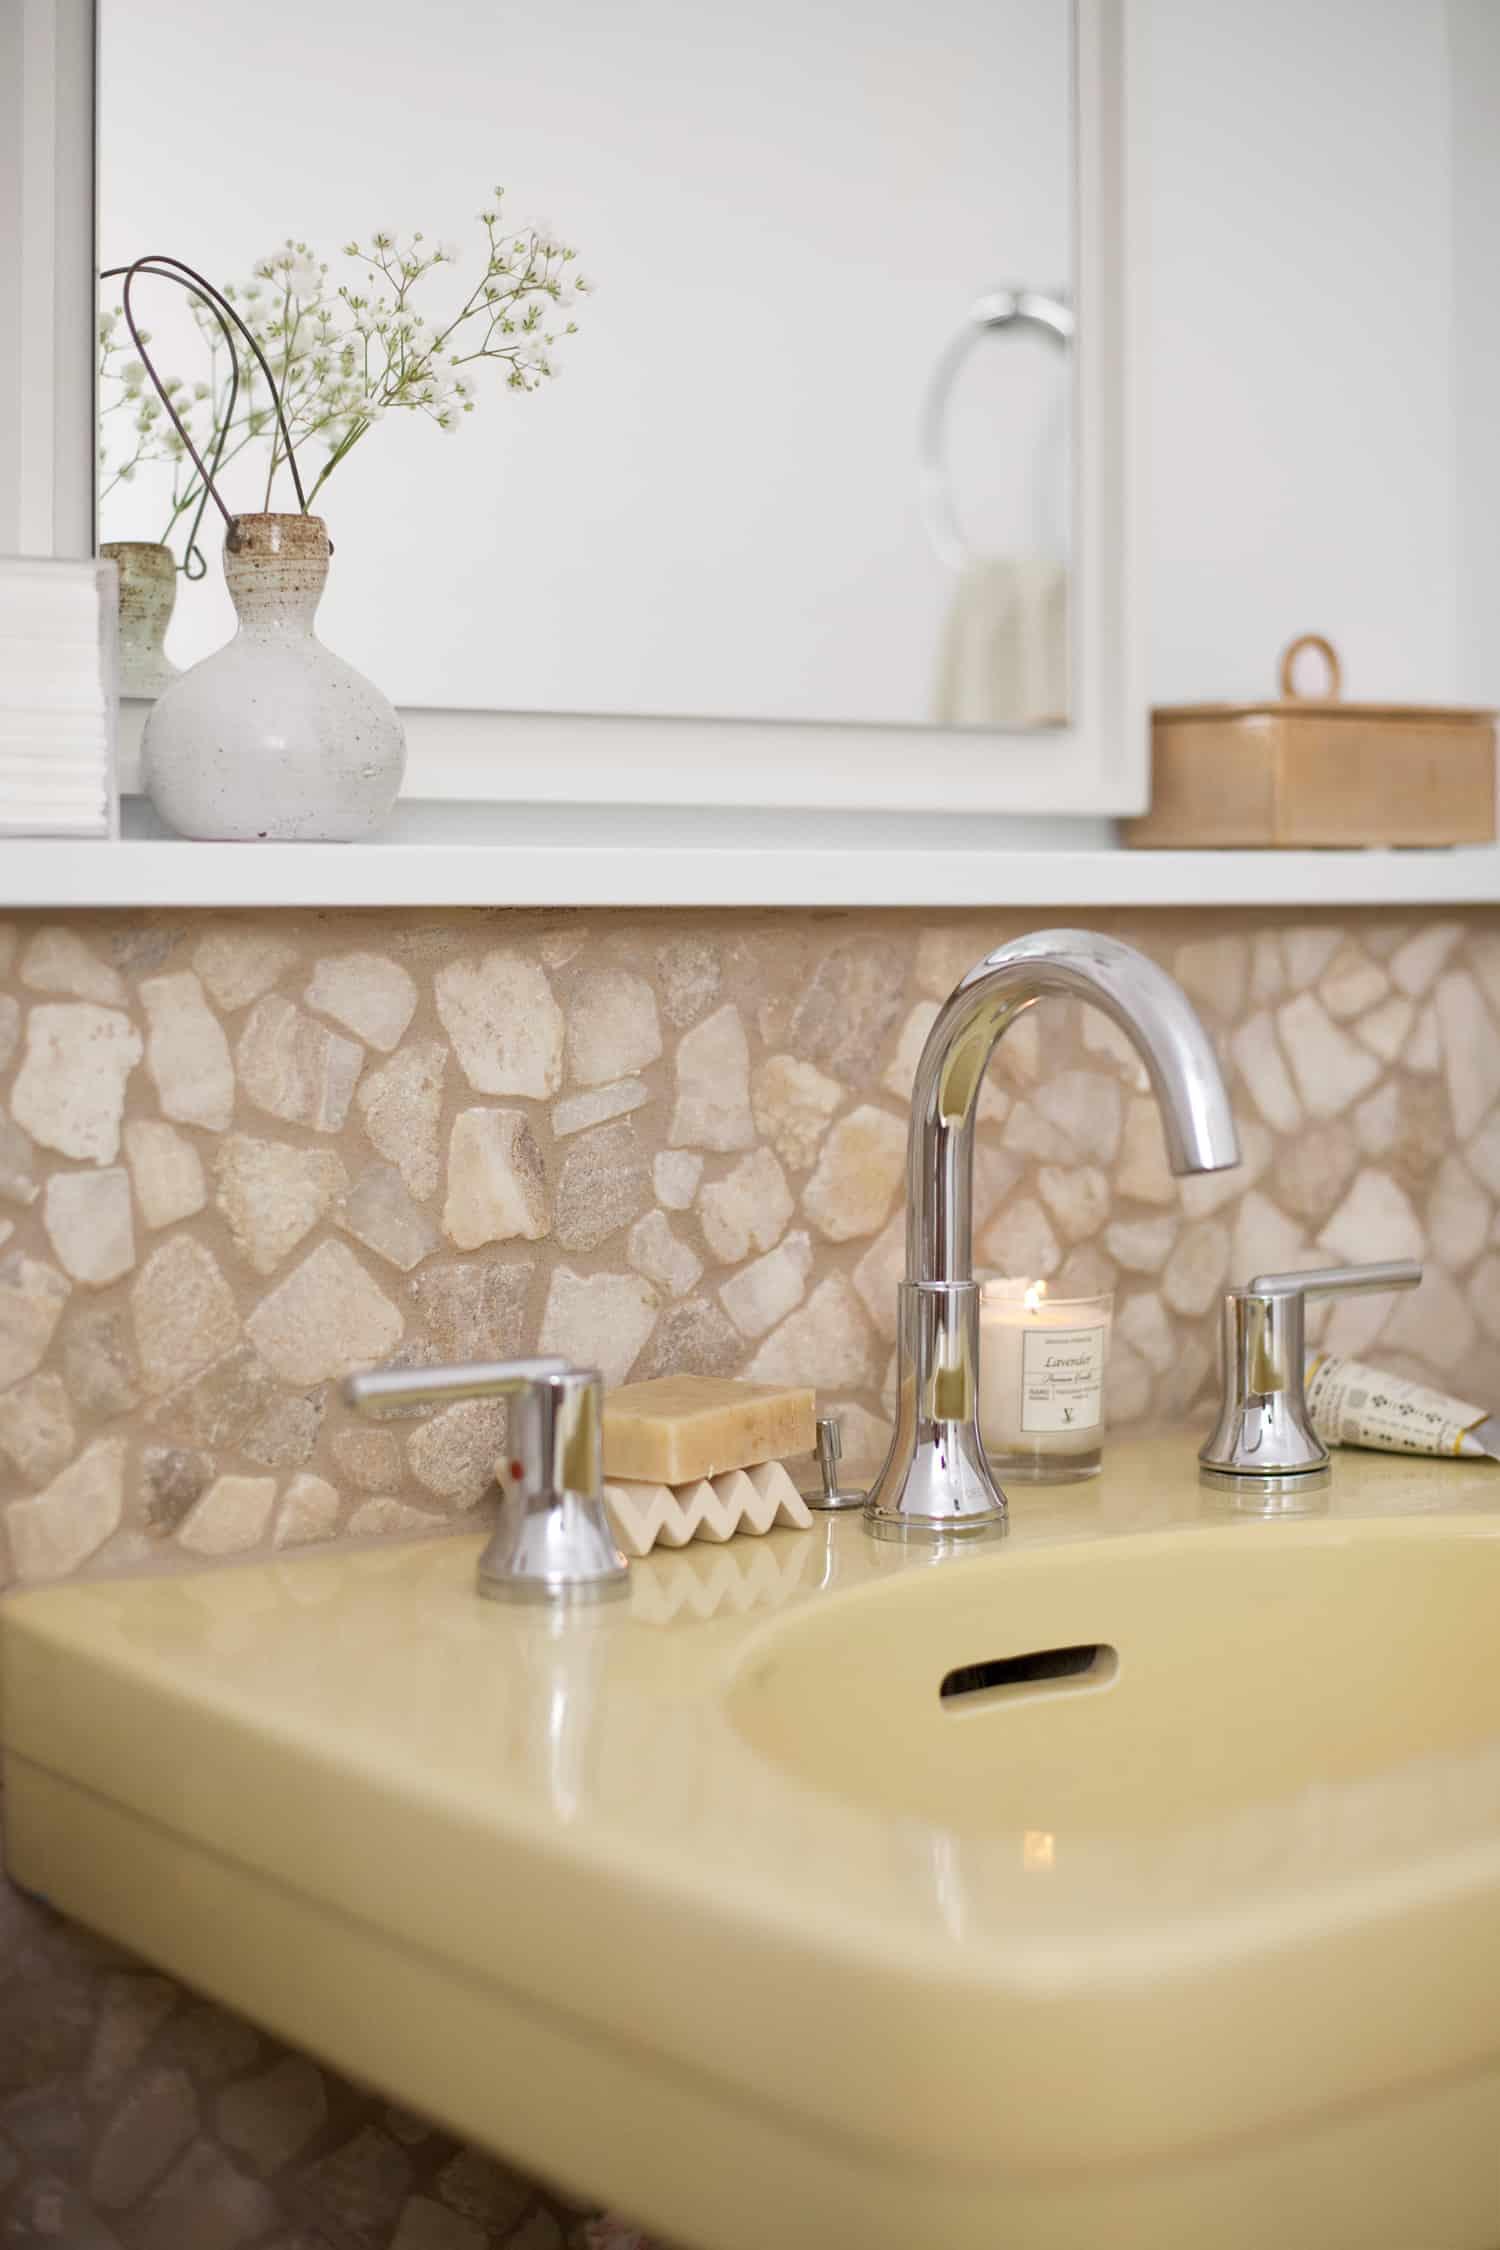 Delta faucet on vintage sink